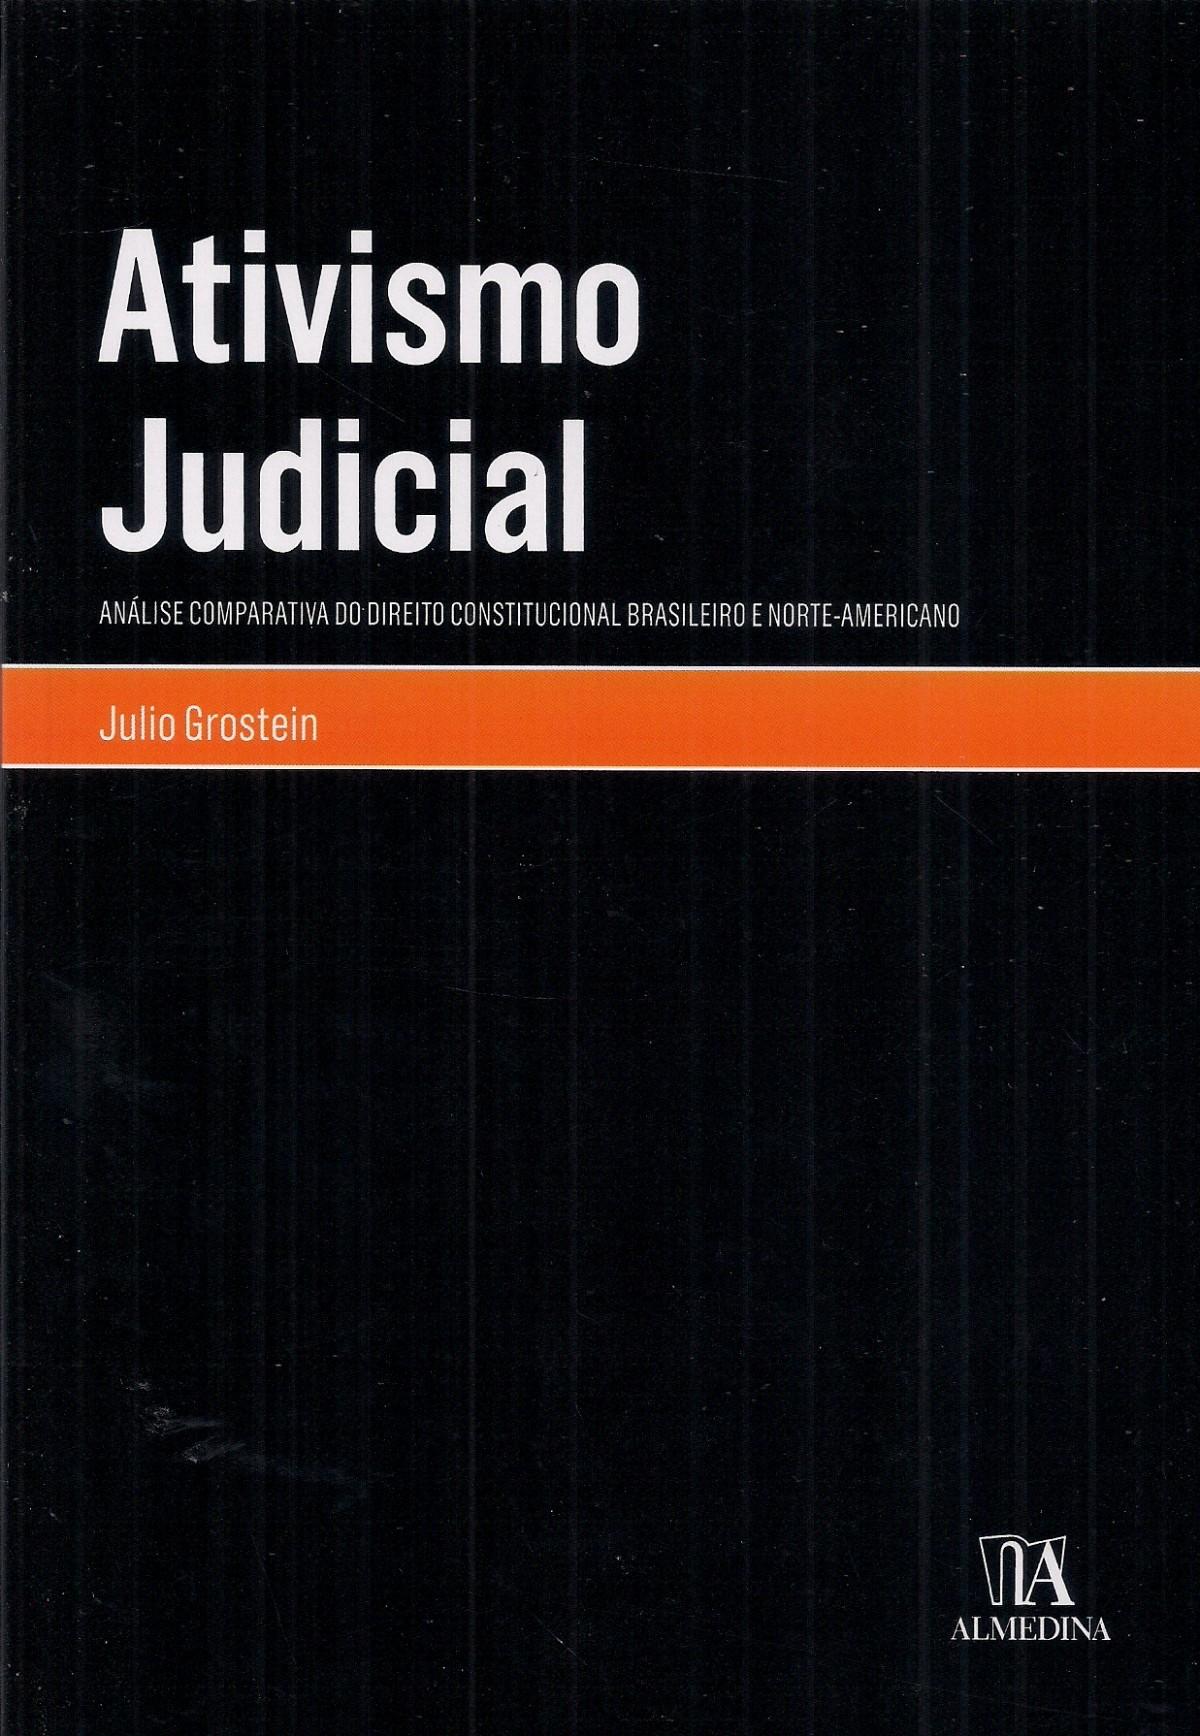 Foto 1 - Ativismo Judicial